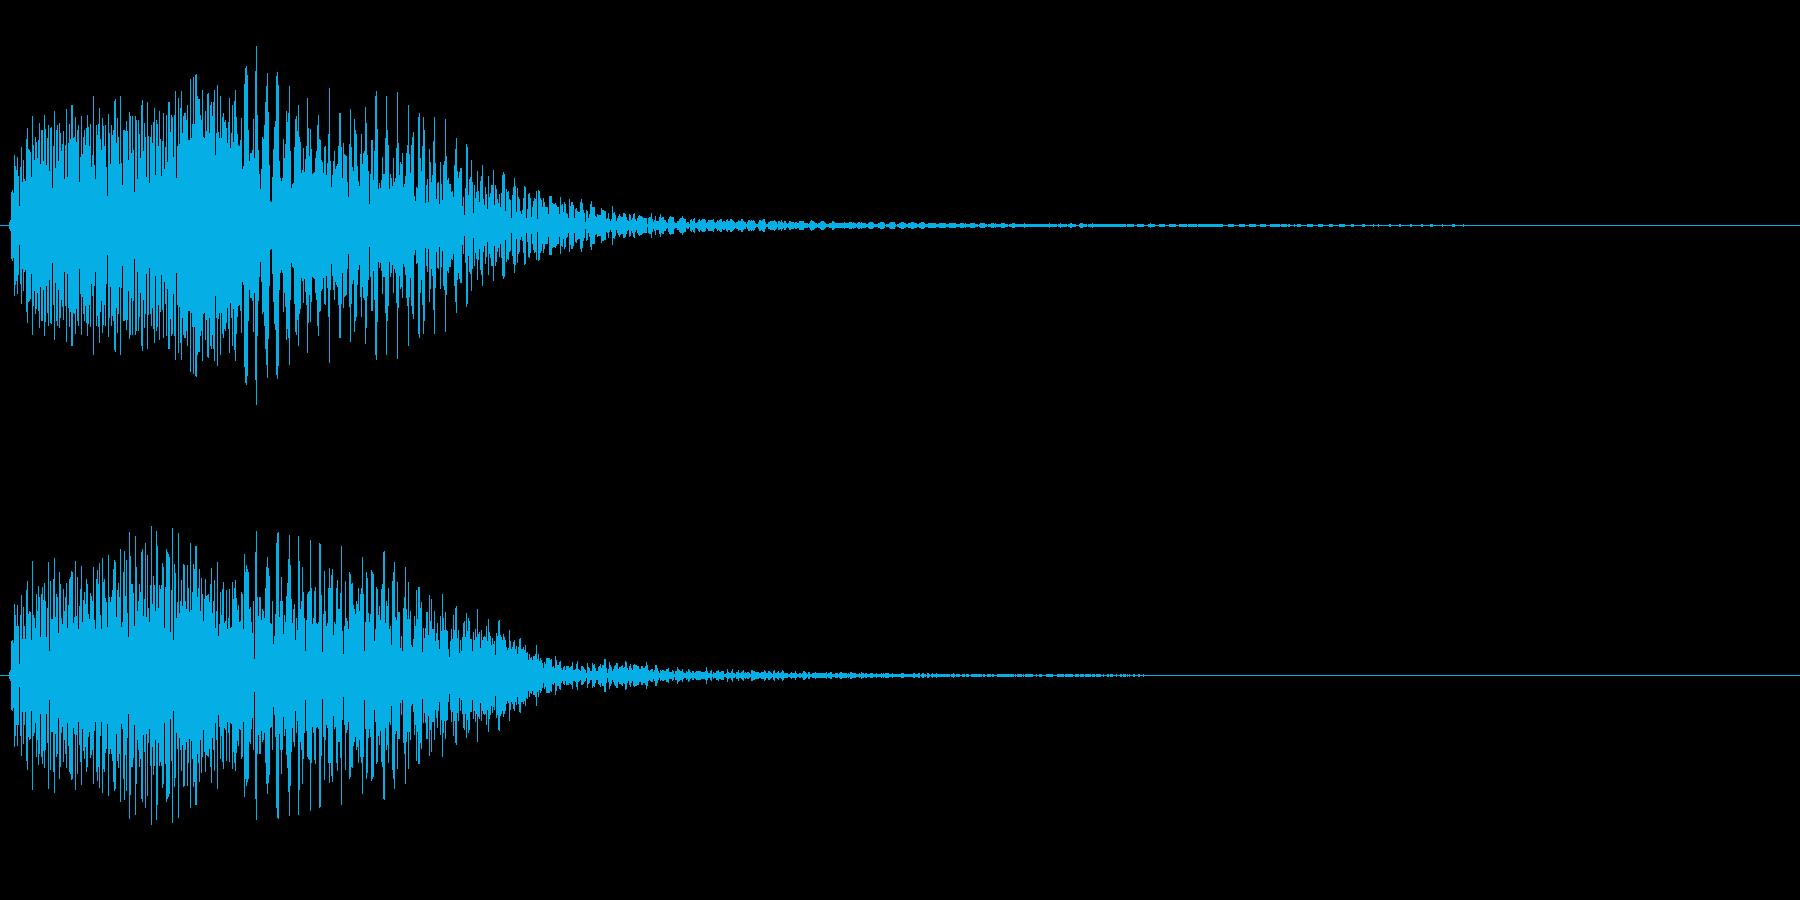 システム系スリープ音の再生済みの波形